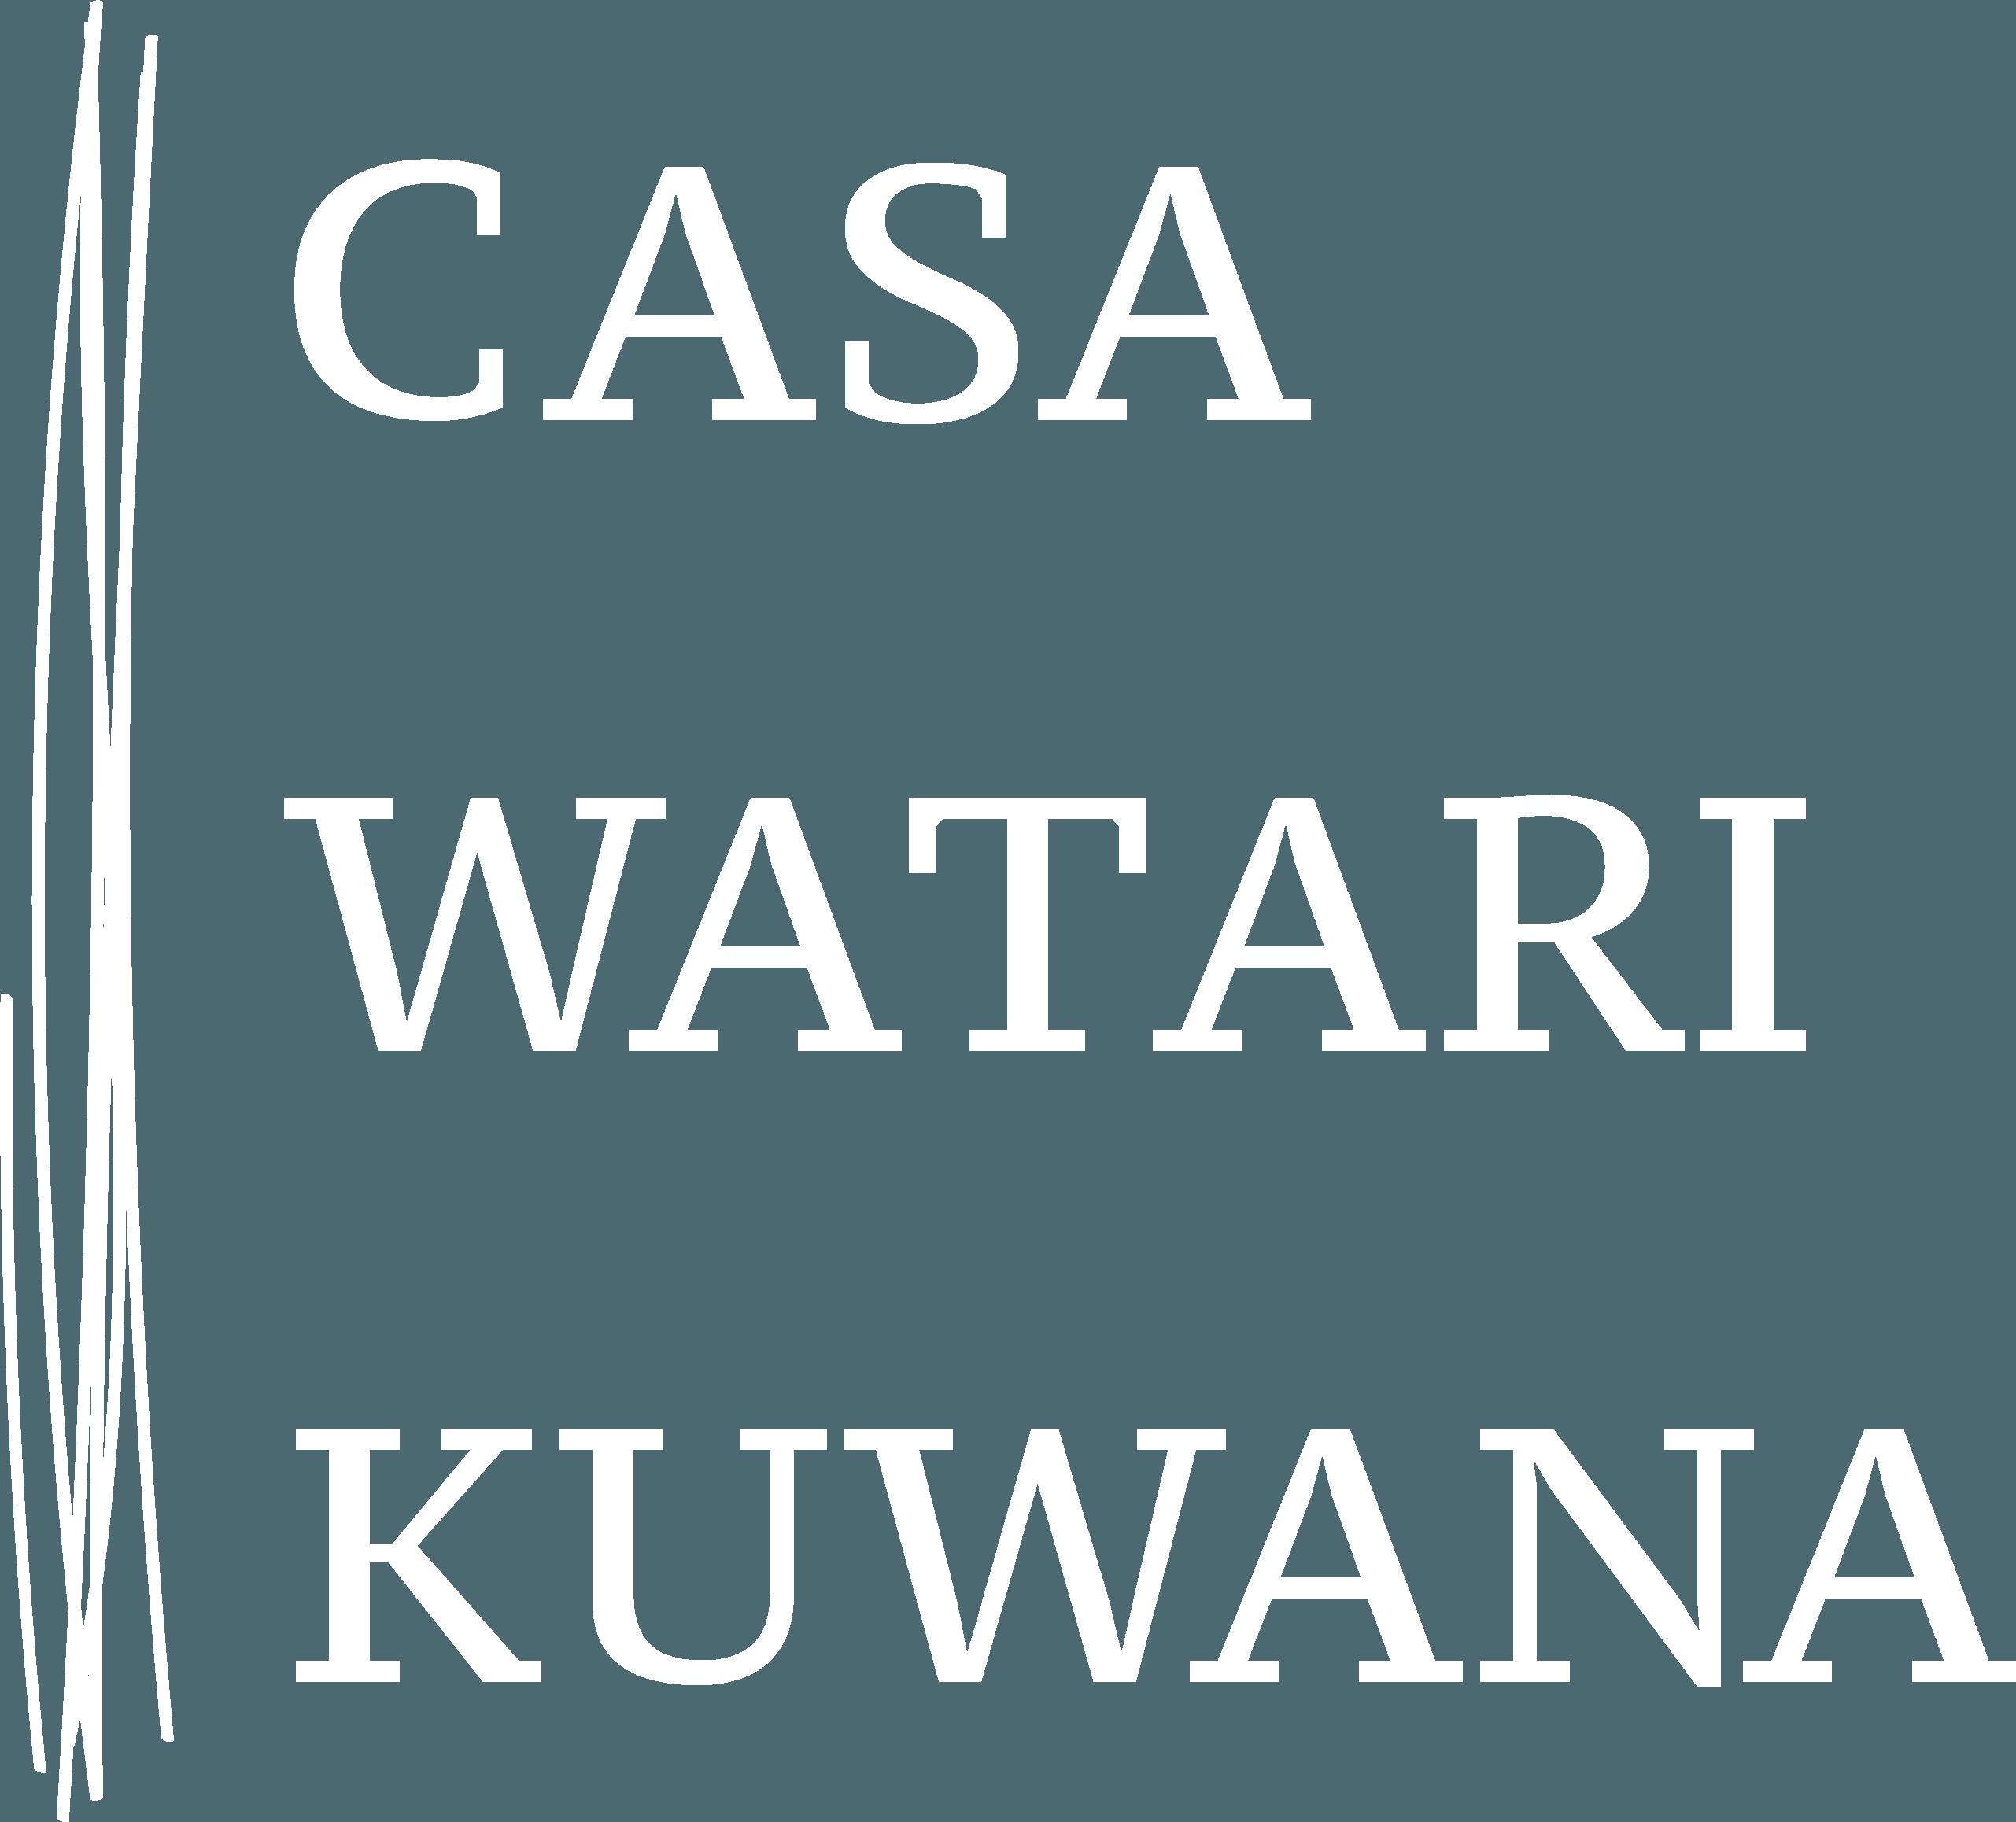 CASA WATARI KUWANA